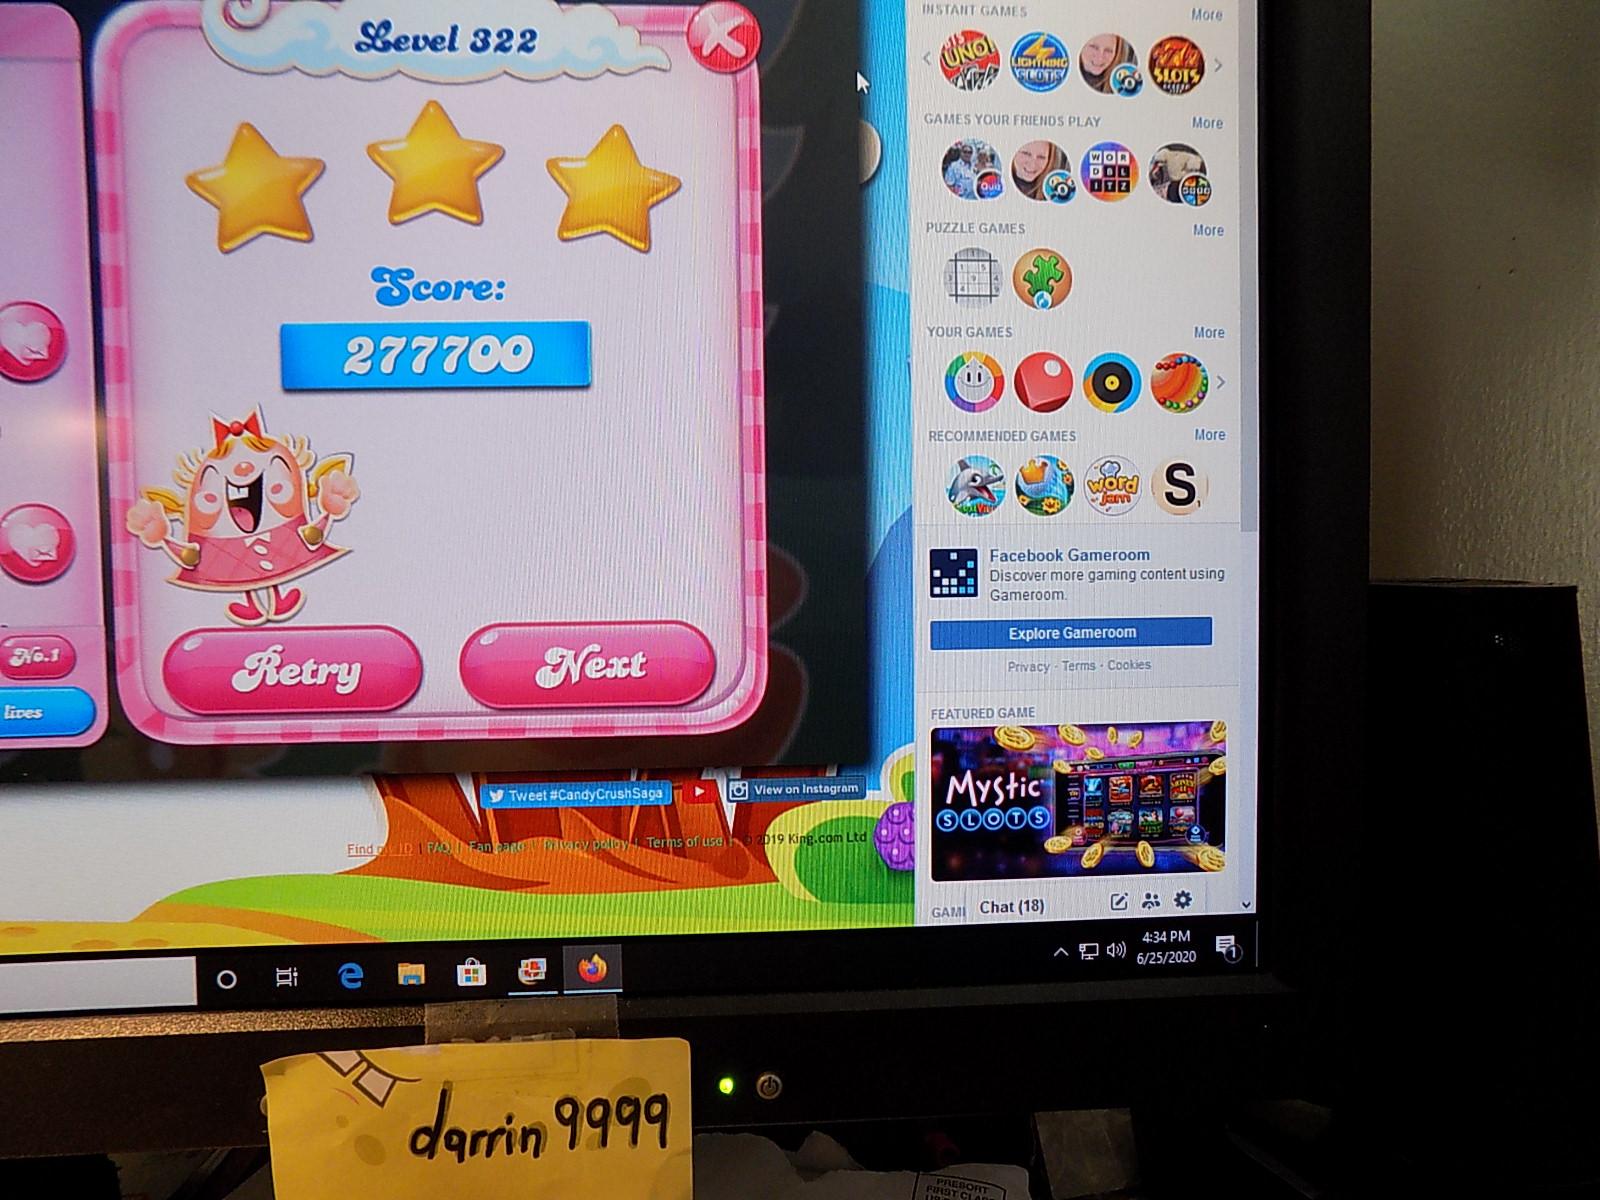 darrin9999: Candy Crush Saga: Level 322 (Web) 277,700 points on 2020-08-02 16:30:36